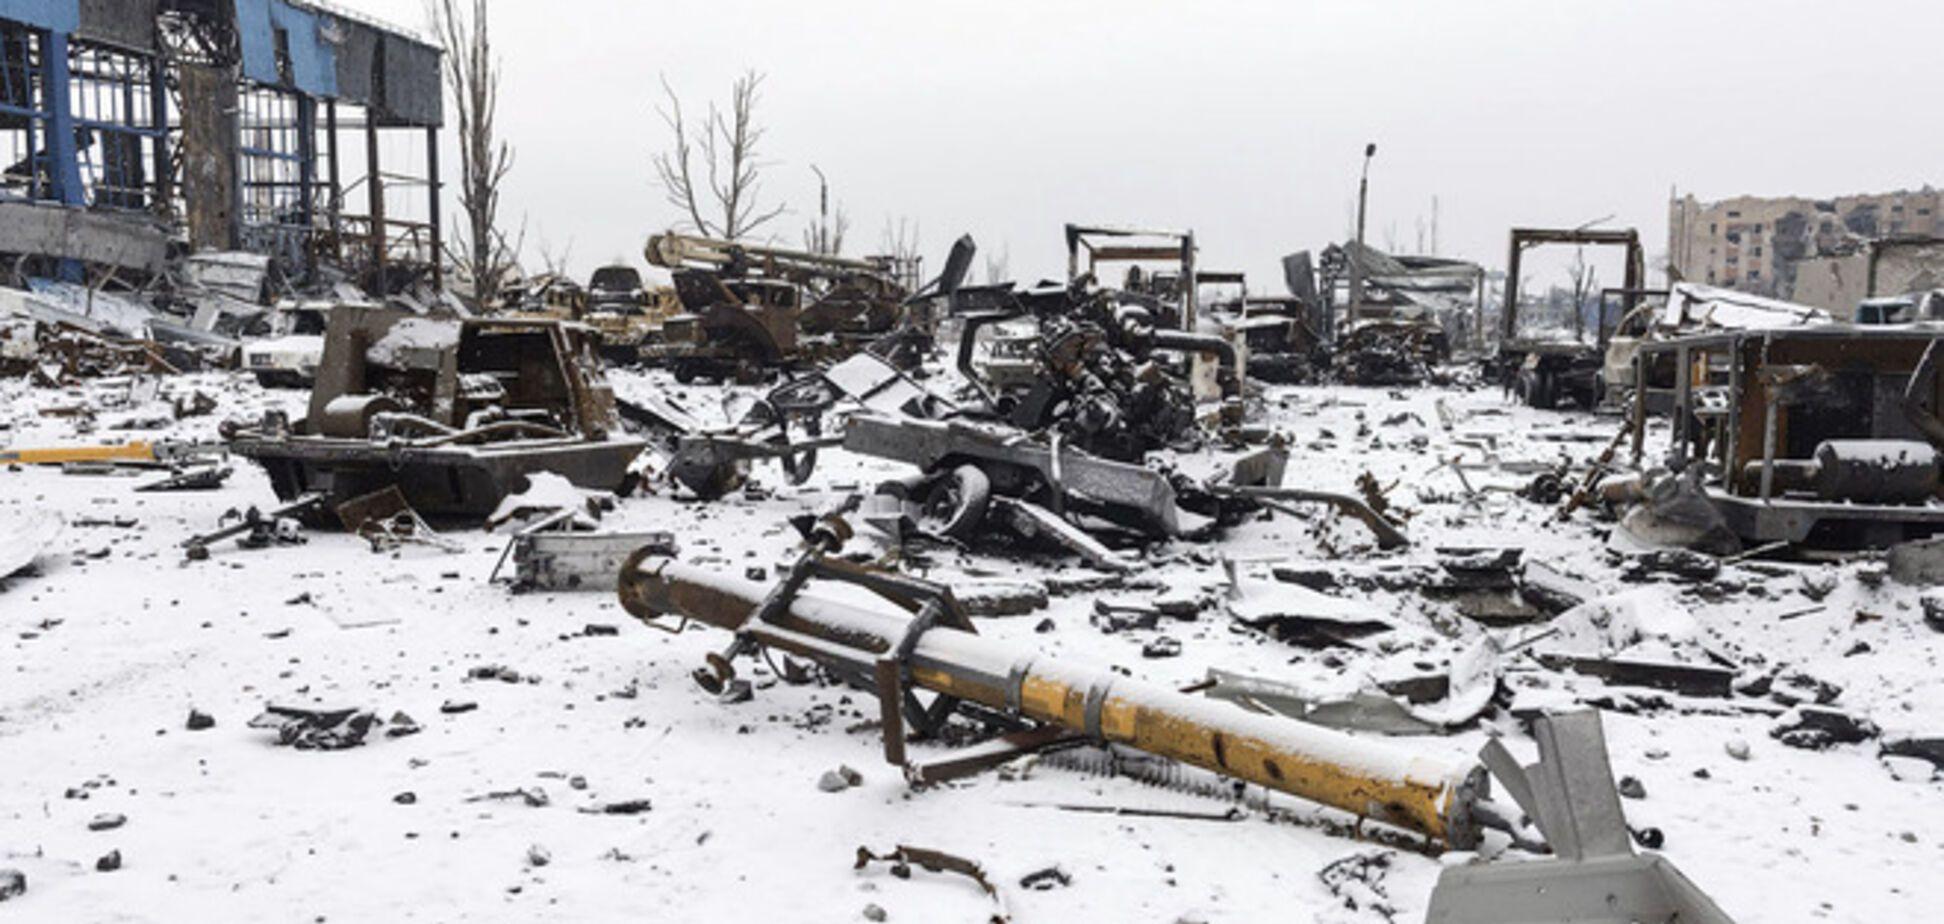 Боец АТО рассказал, как раненые 'киборги' двое суток выходили из донецкого аэропорта